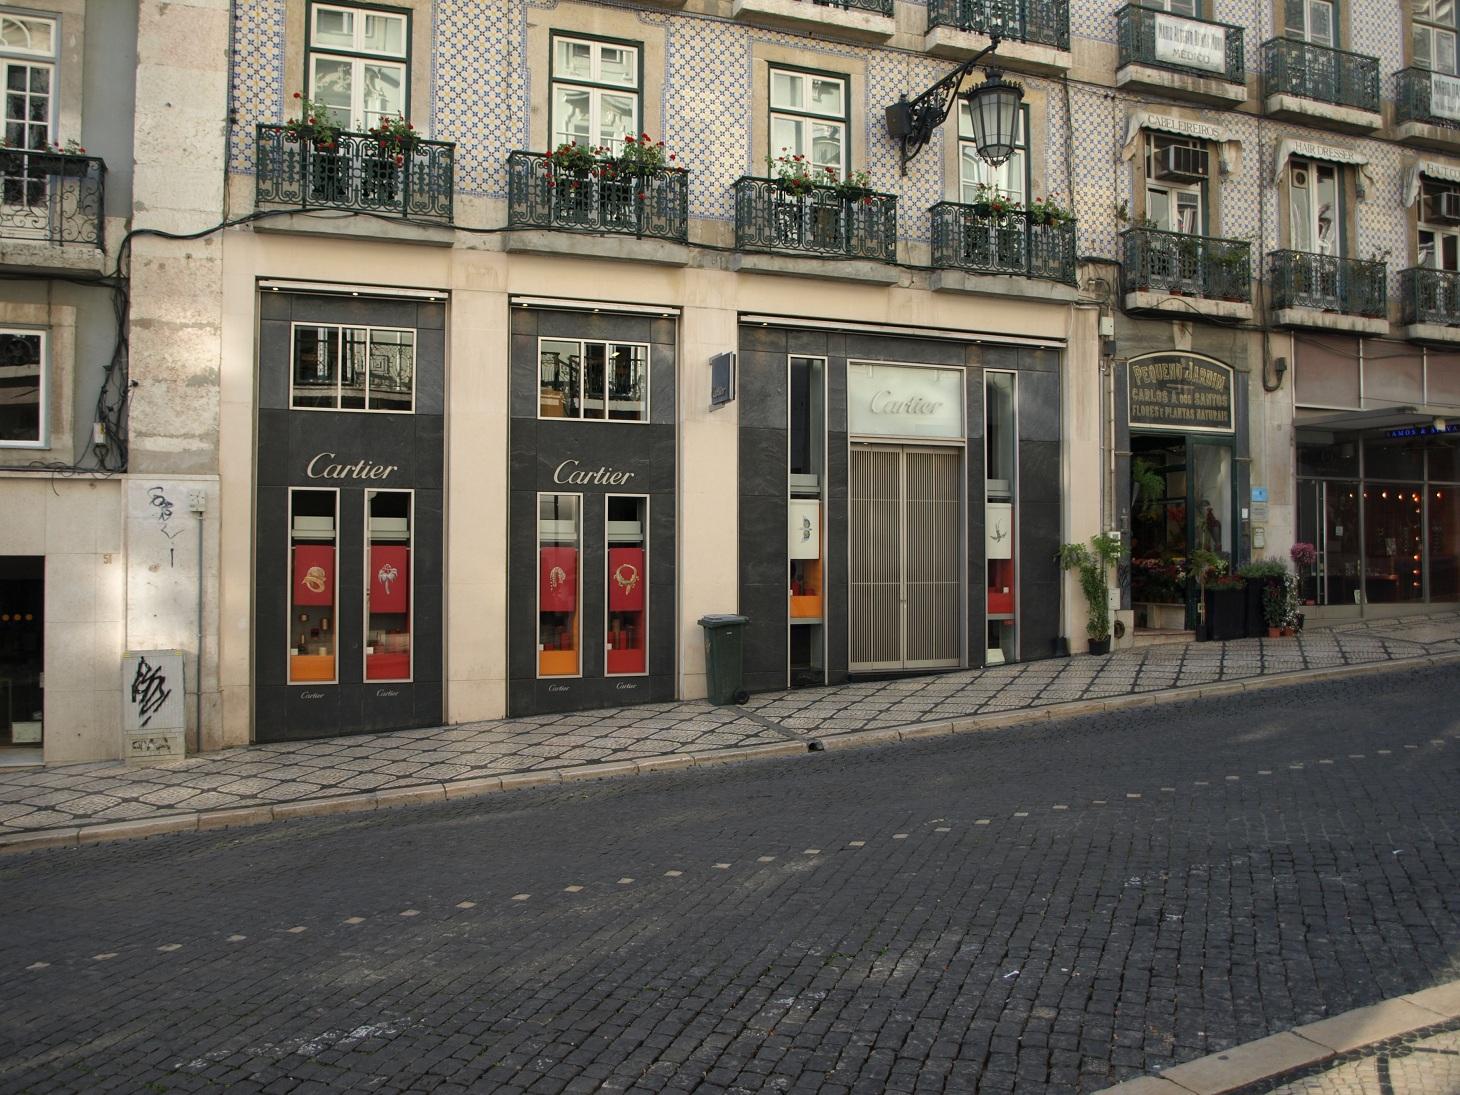 db5b865202999 Estação Cronográfica  Em primeira mão - Cartier reabre boutique em ...